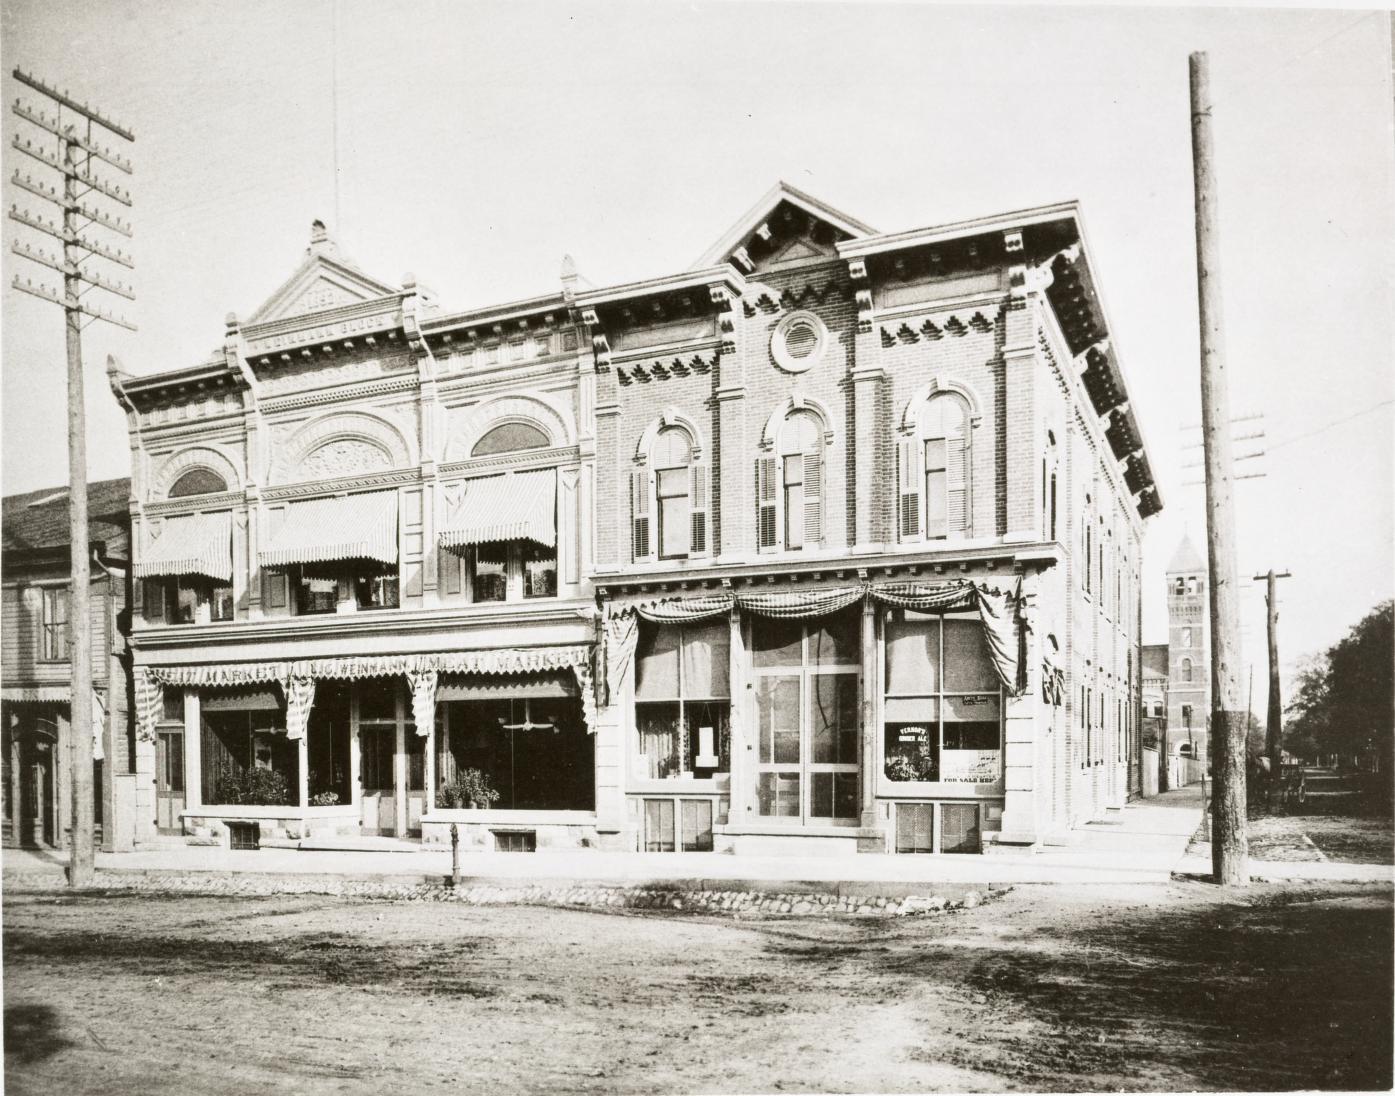 1893 Photo of the Weinmann Block in Ann Arbor